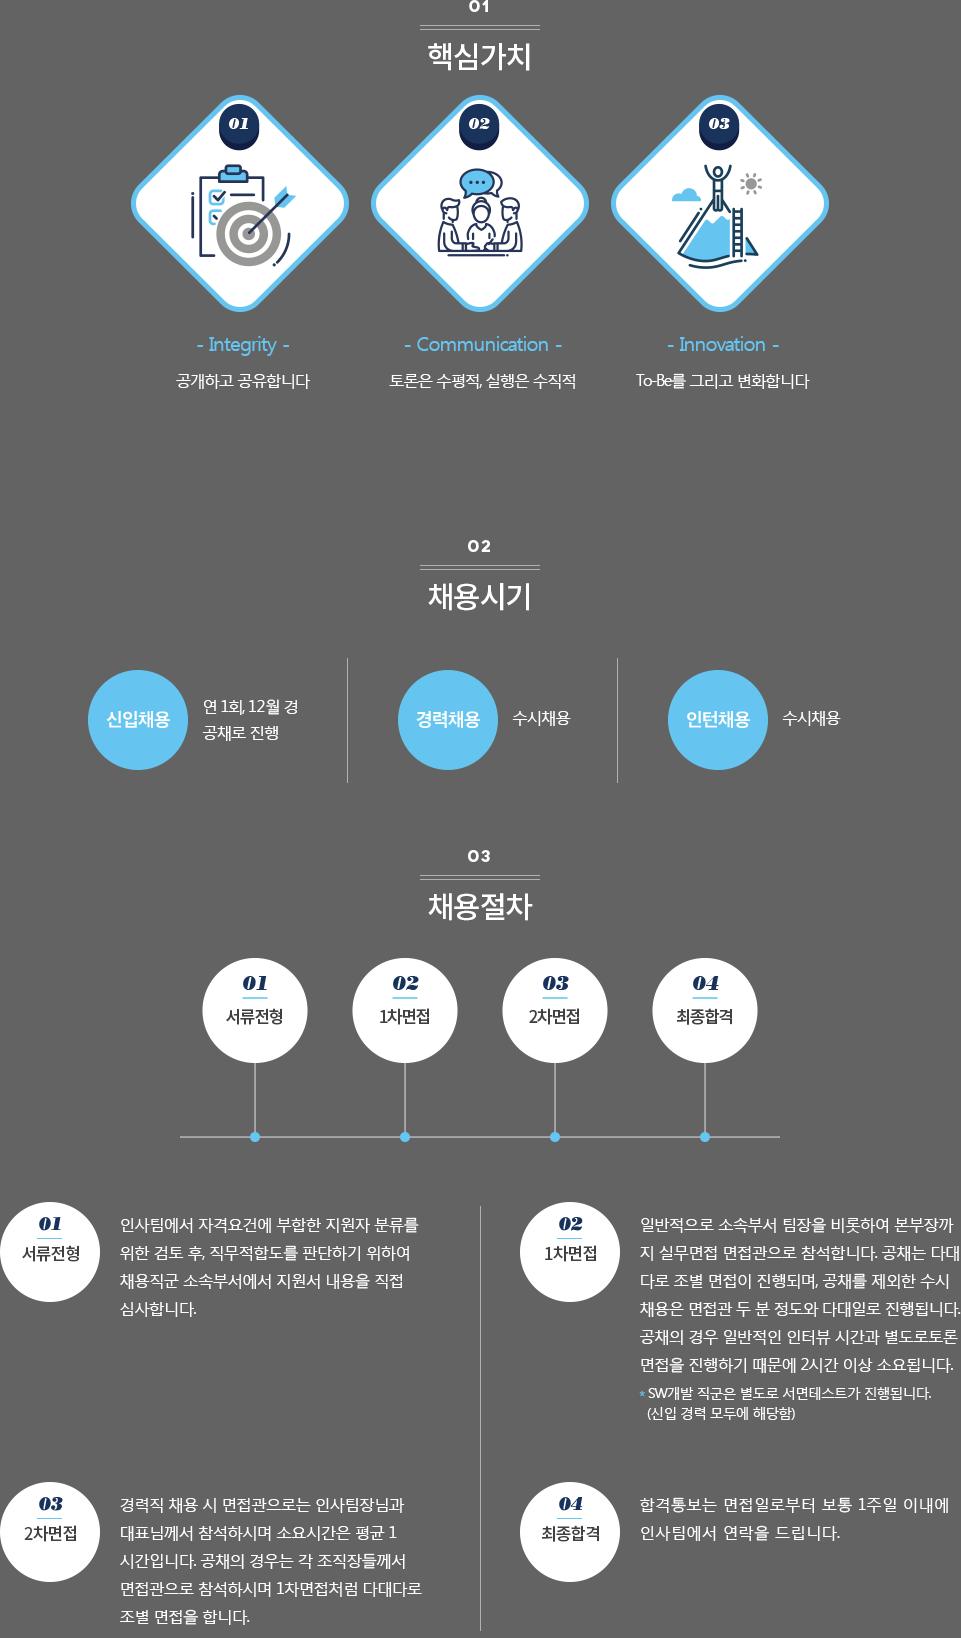 채용정보 - 아래 설명 참조